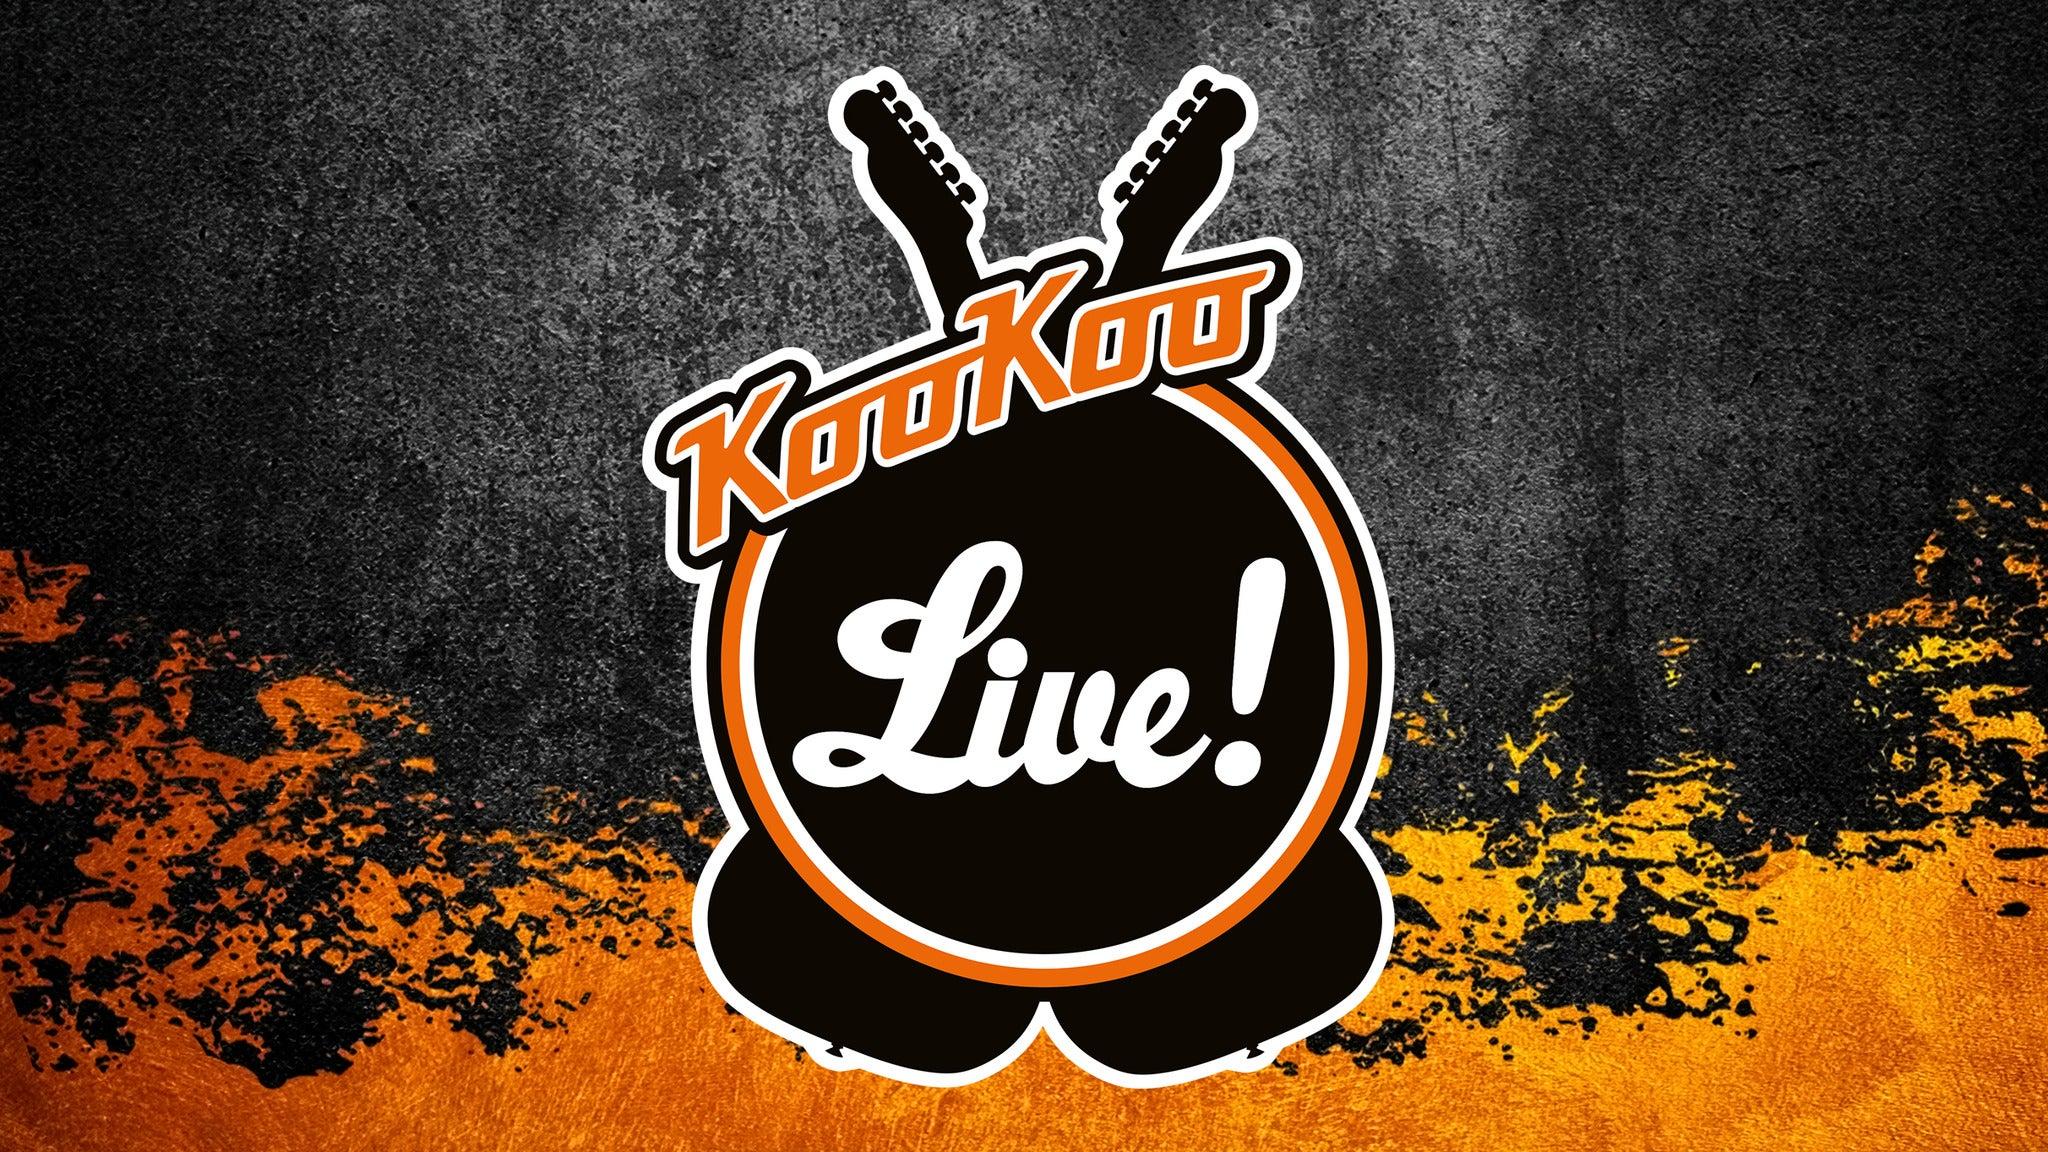 Kookoo Live